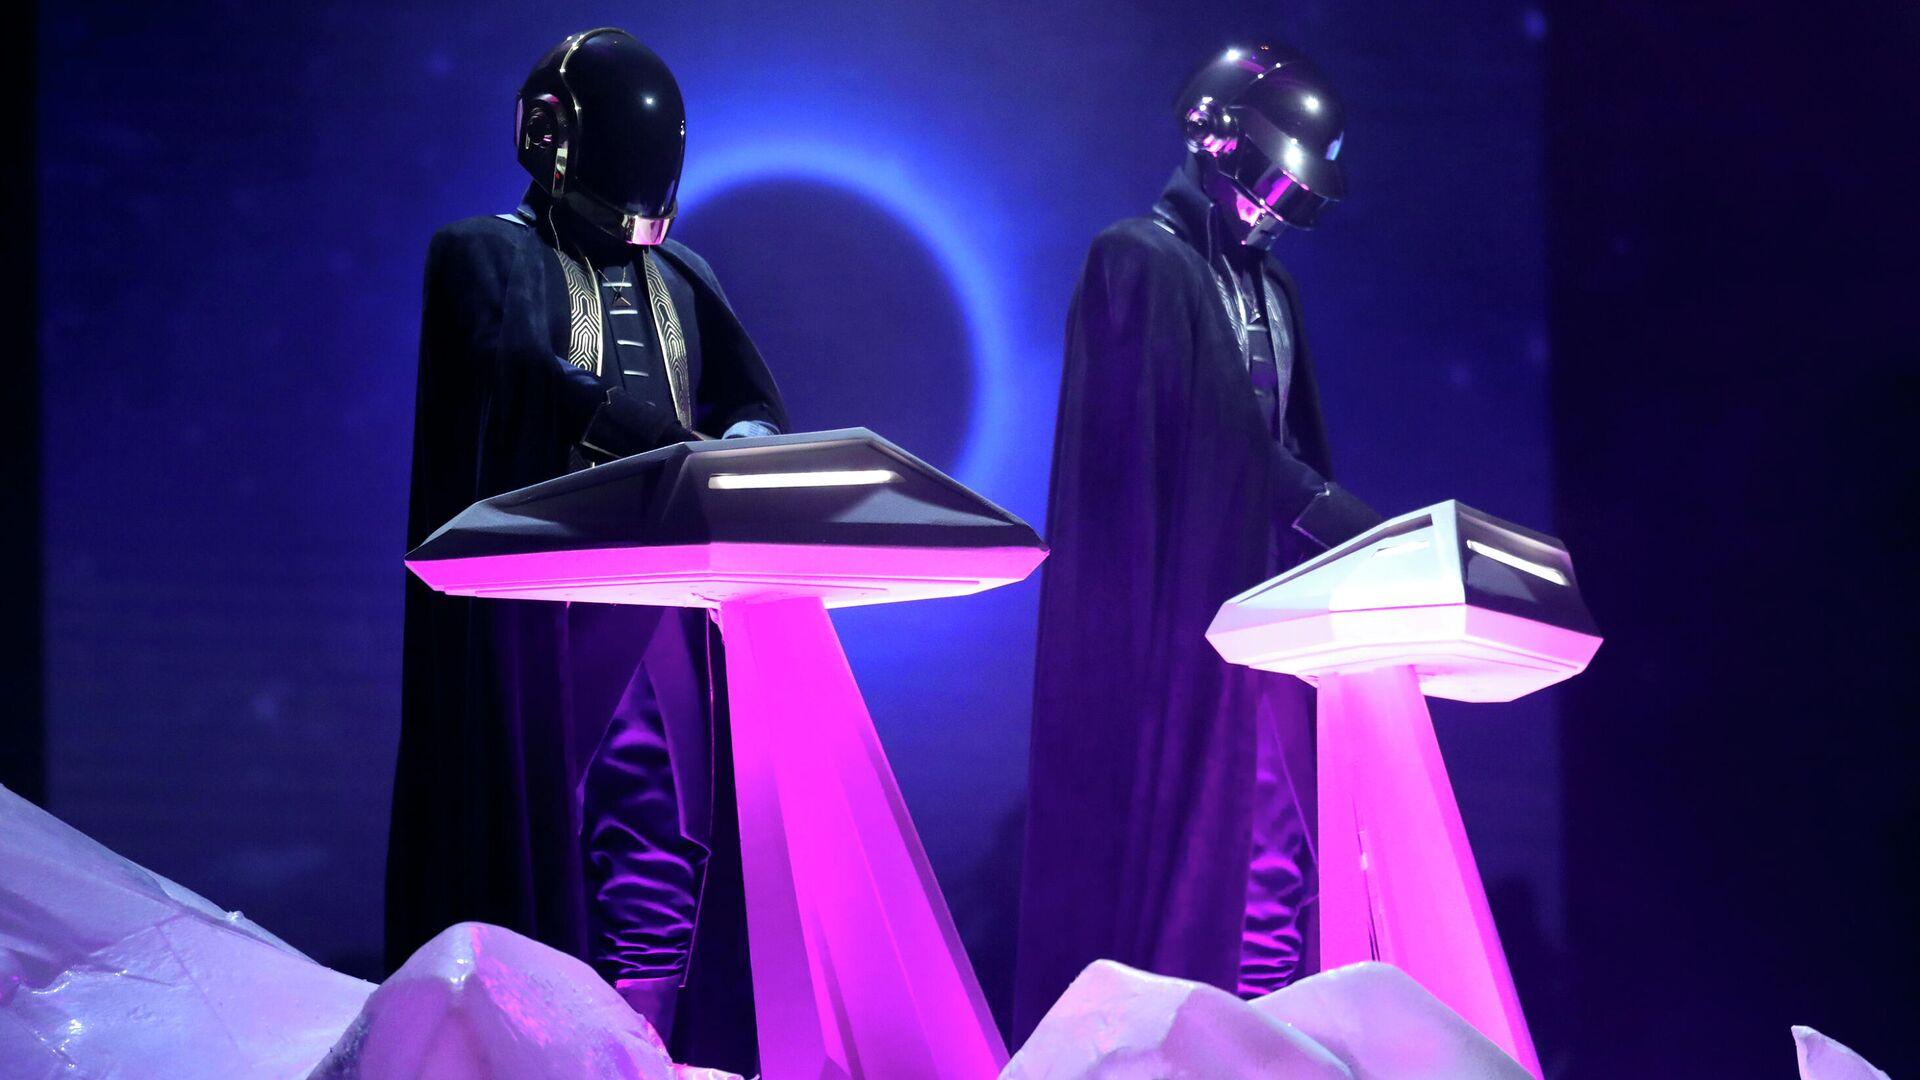 Французский музыкальный электронный дуэт Daft Punk  - РИА Новости, 1920, 22.02.2021